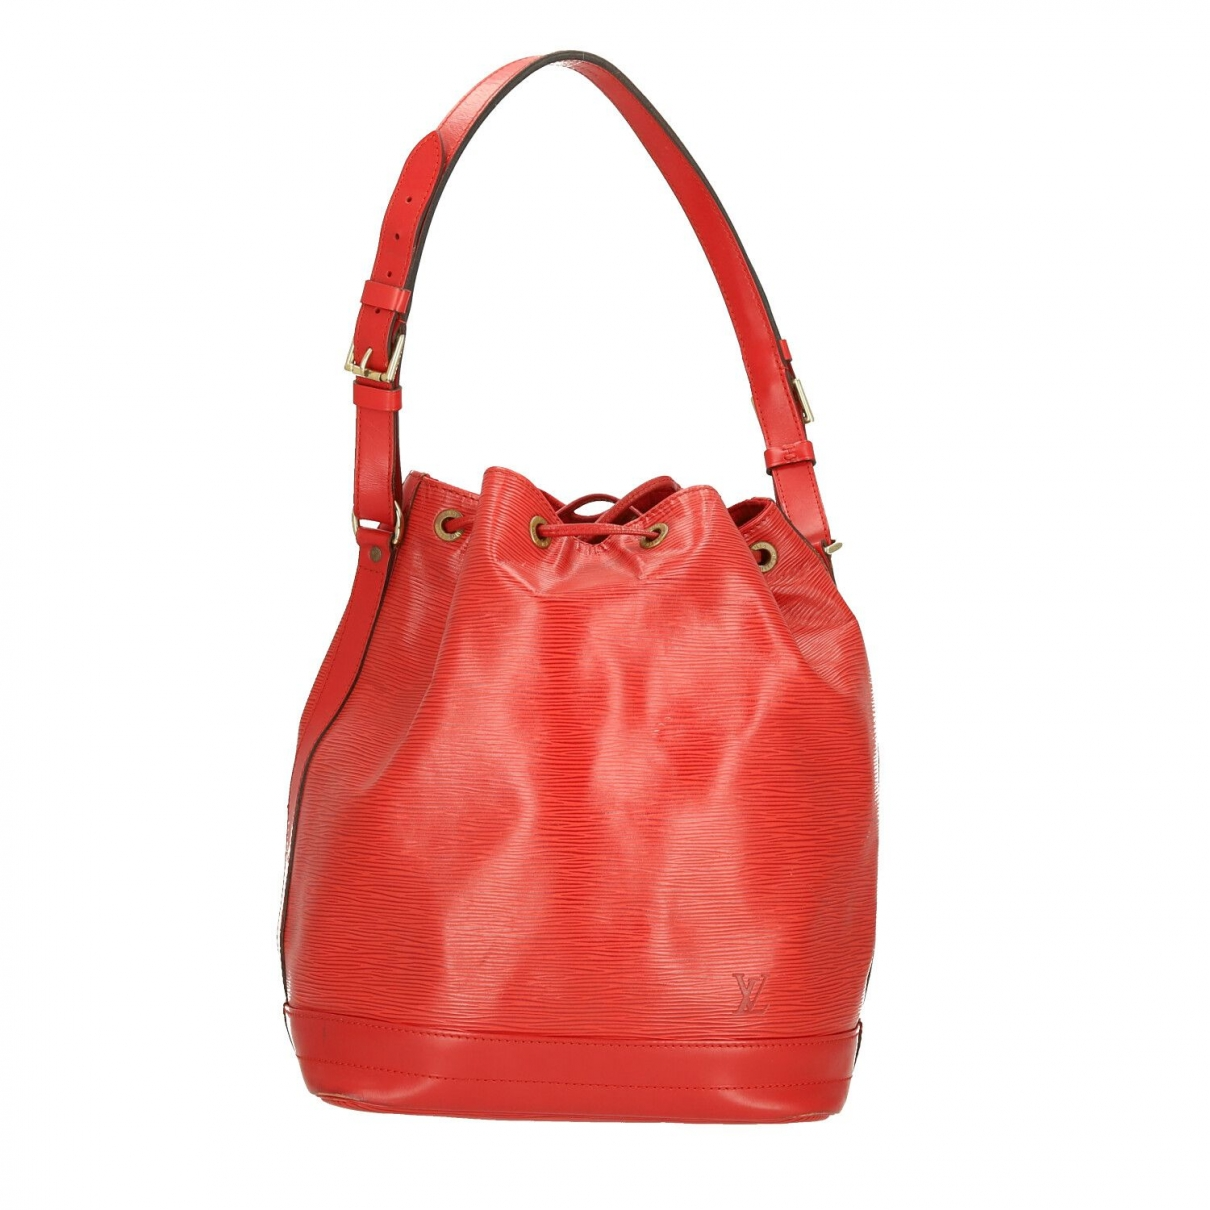 Louis Vuitton - Sac a main Noe pour femme en cuir - rouge